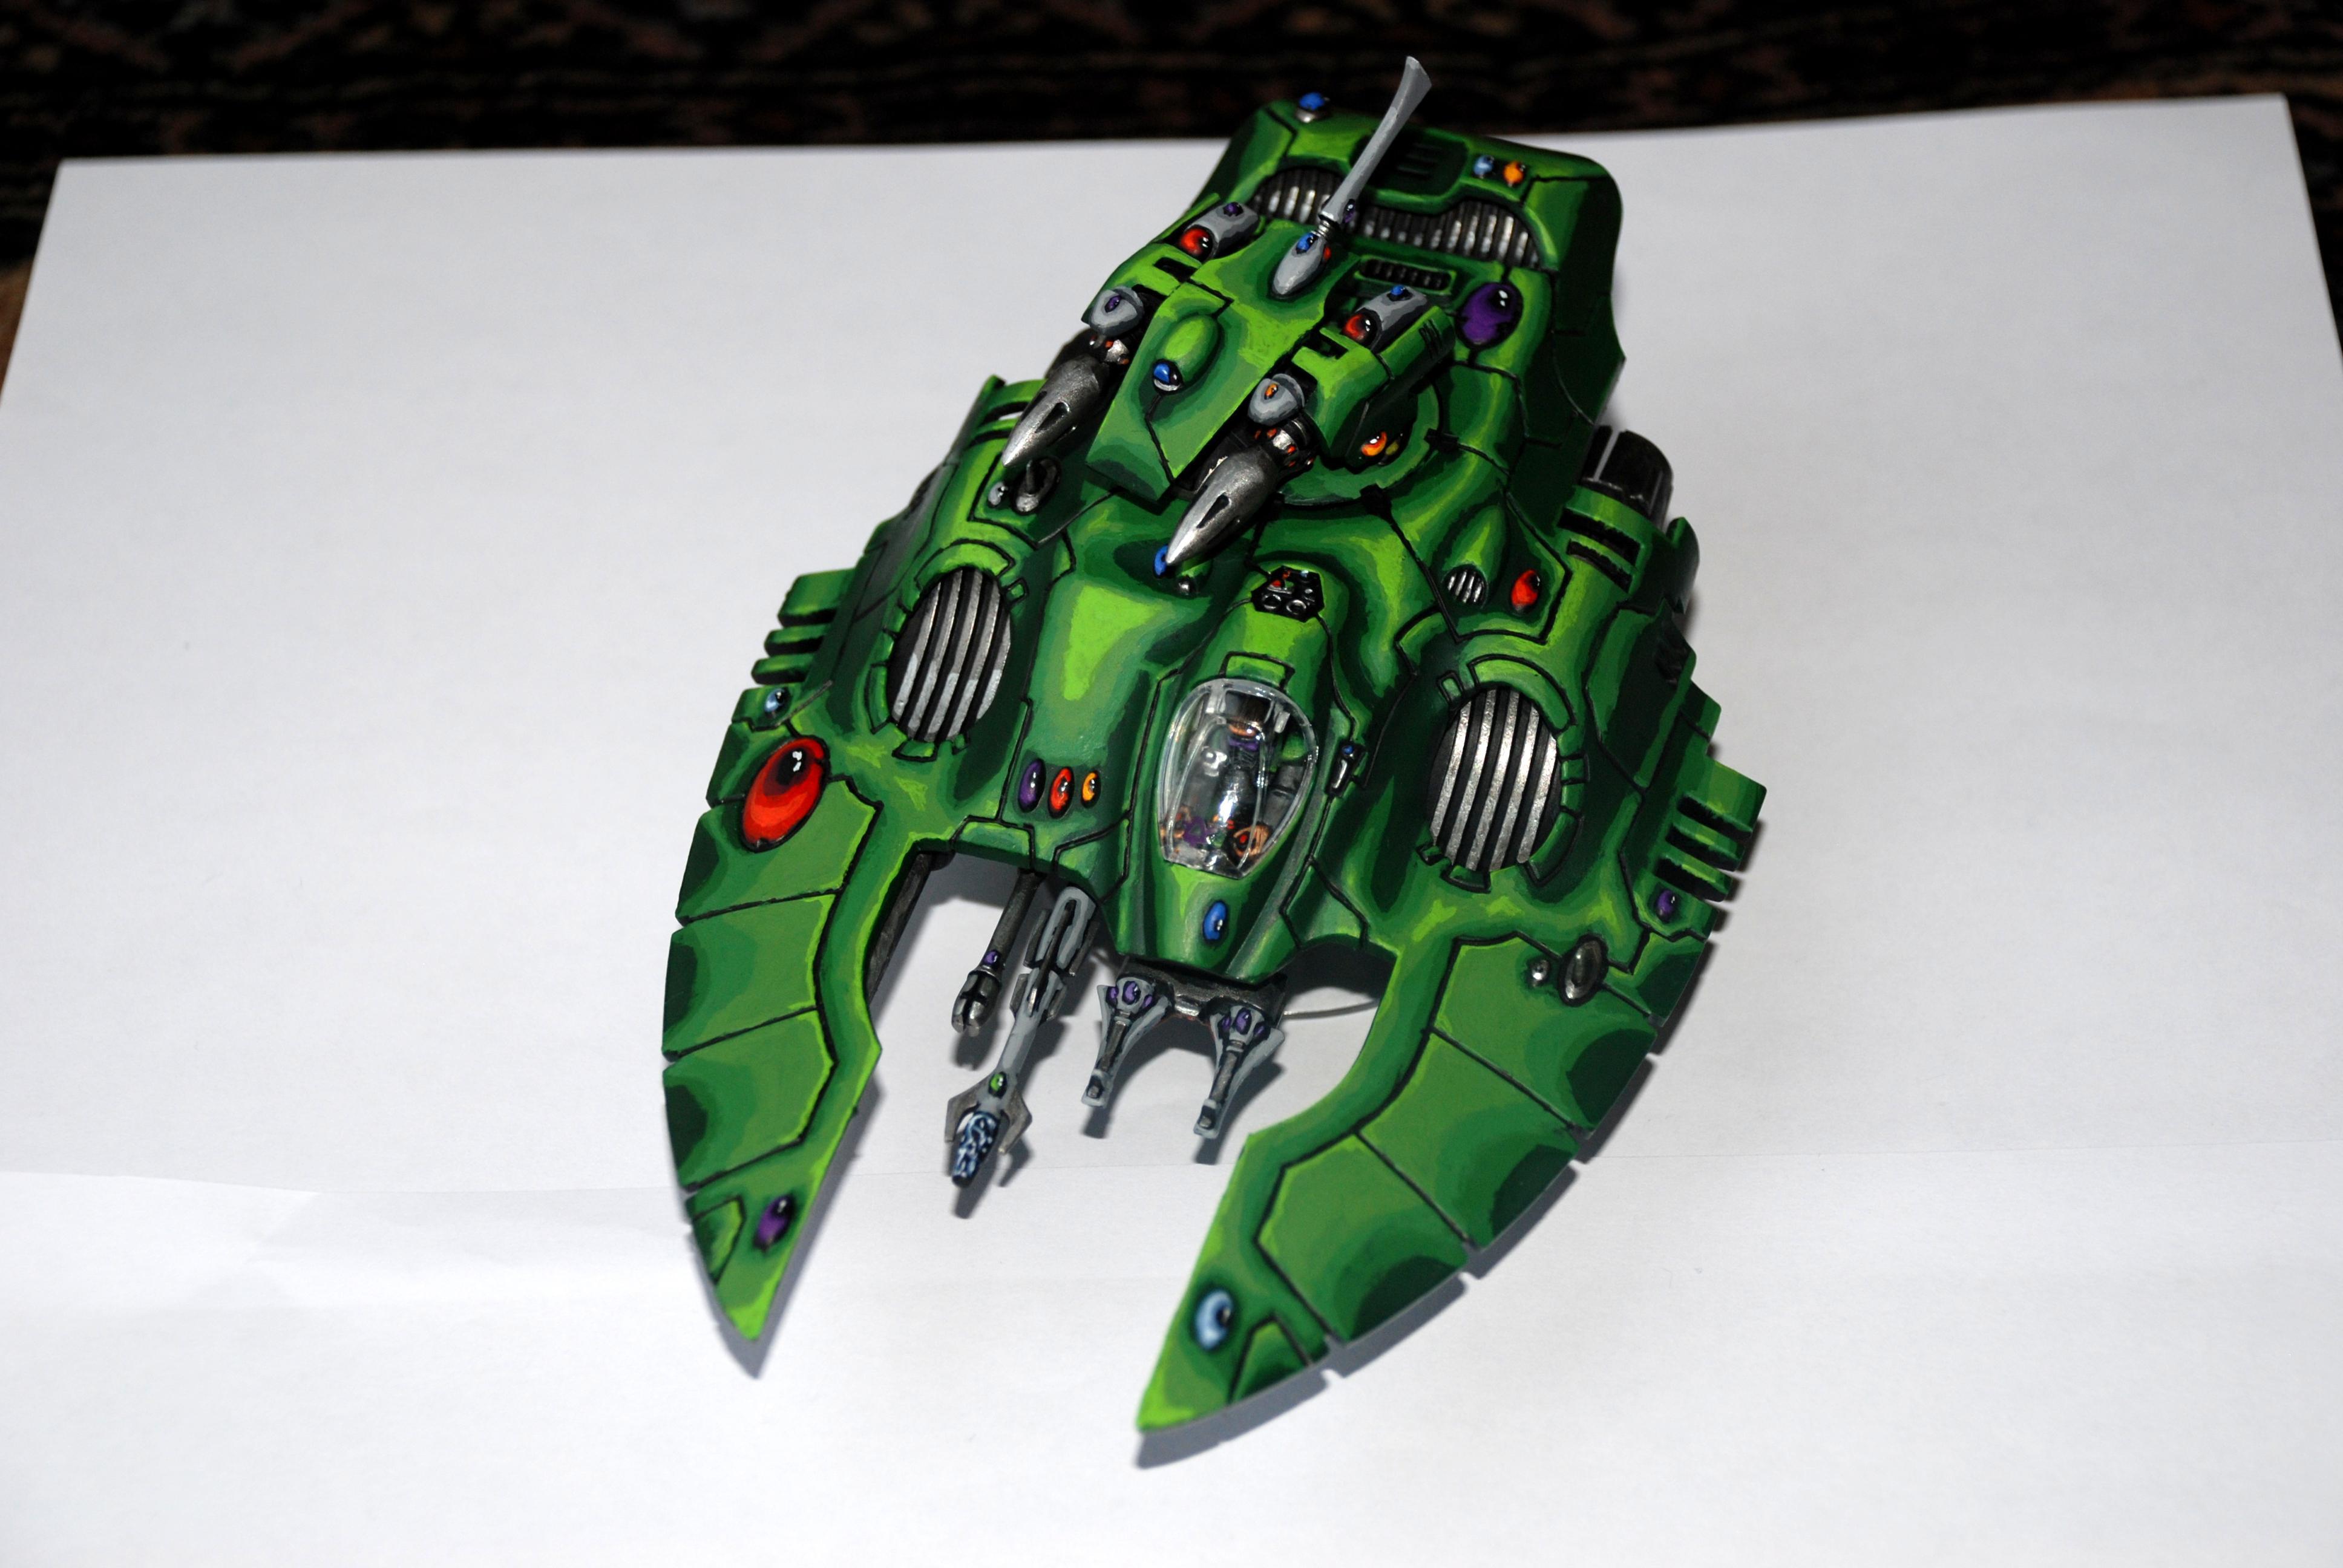 Blending, Eldar, Green, Painted, Transport, Warhammer 40,000, Wave Serpent